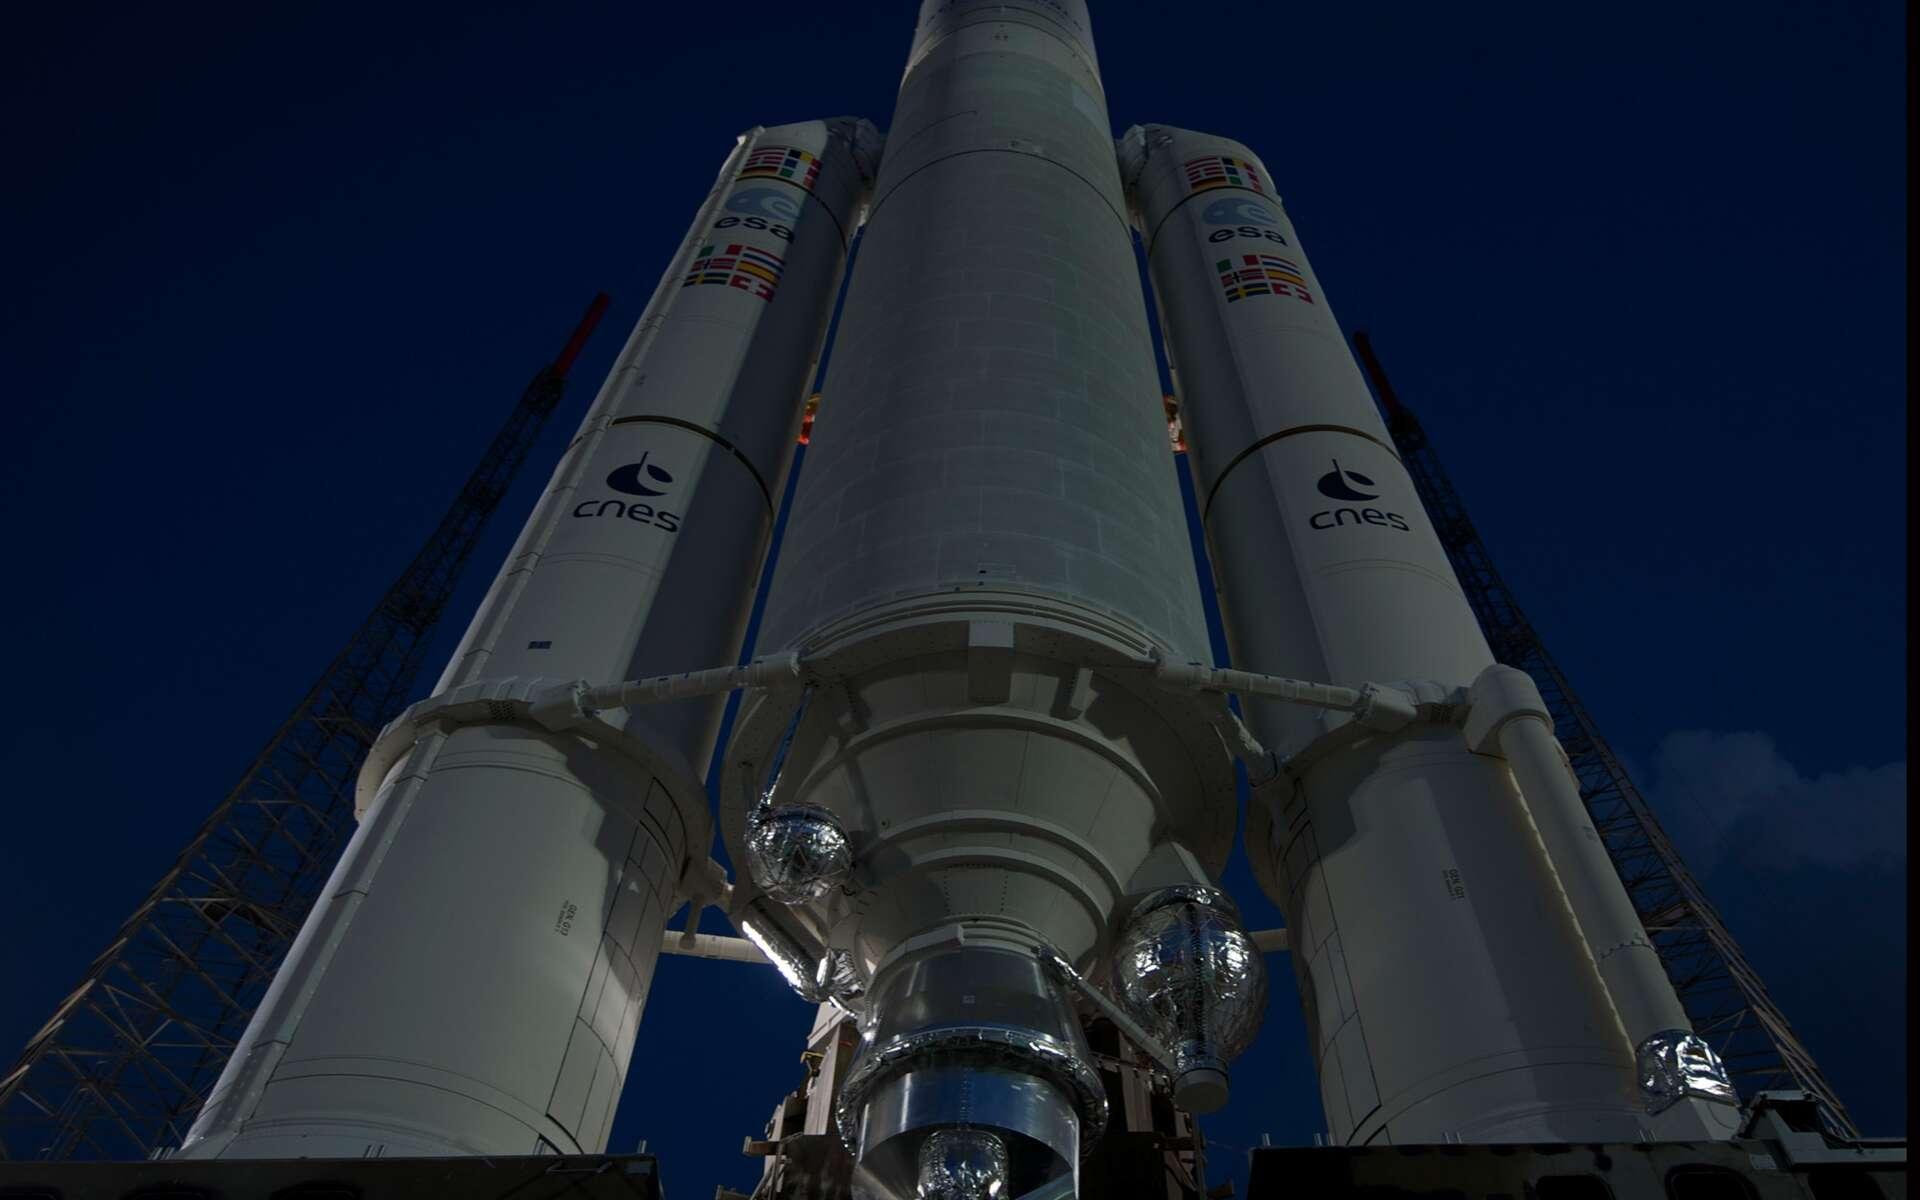 Ce premier vol de l'année d'une Ariane 5, sur les six prévus, sera le 68e lancement d'une Ariane 5 et la 212e mission d'Arianespace. Il intervient après une série de 53 succès consécutifs du lanceur Ariane 5. © S. Corvaja, Esa